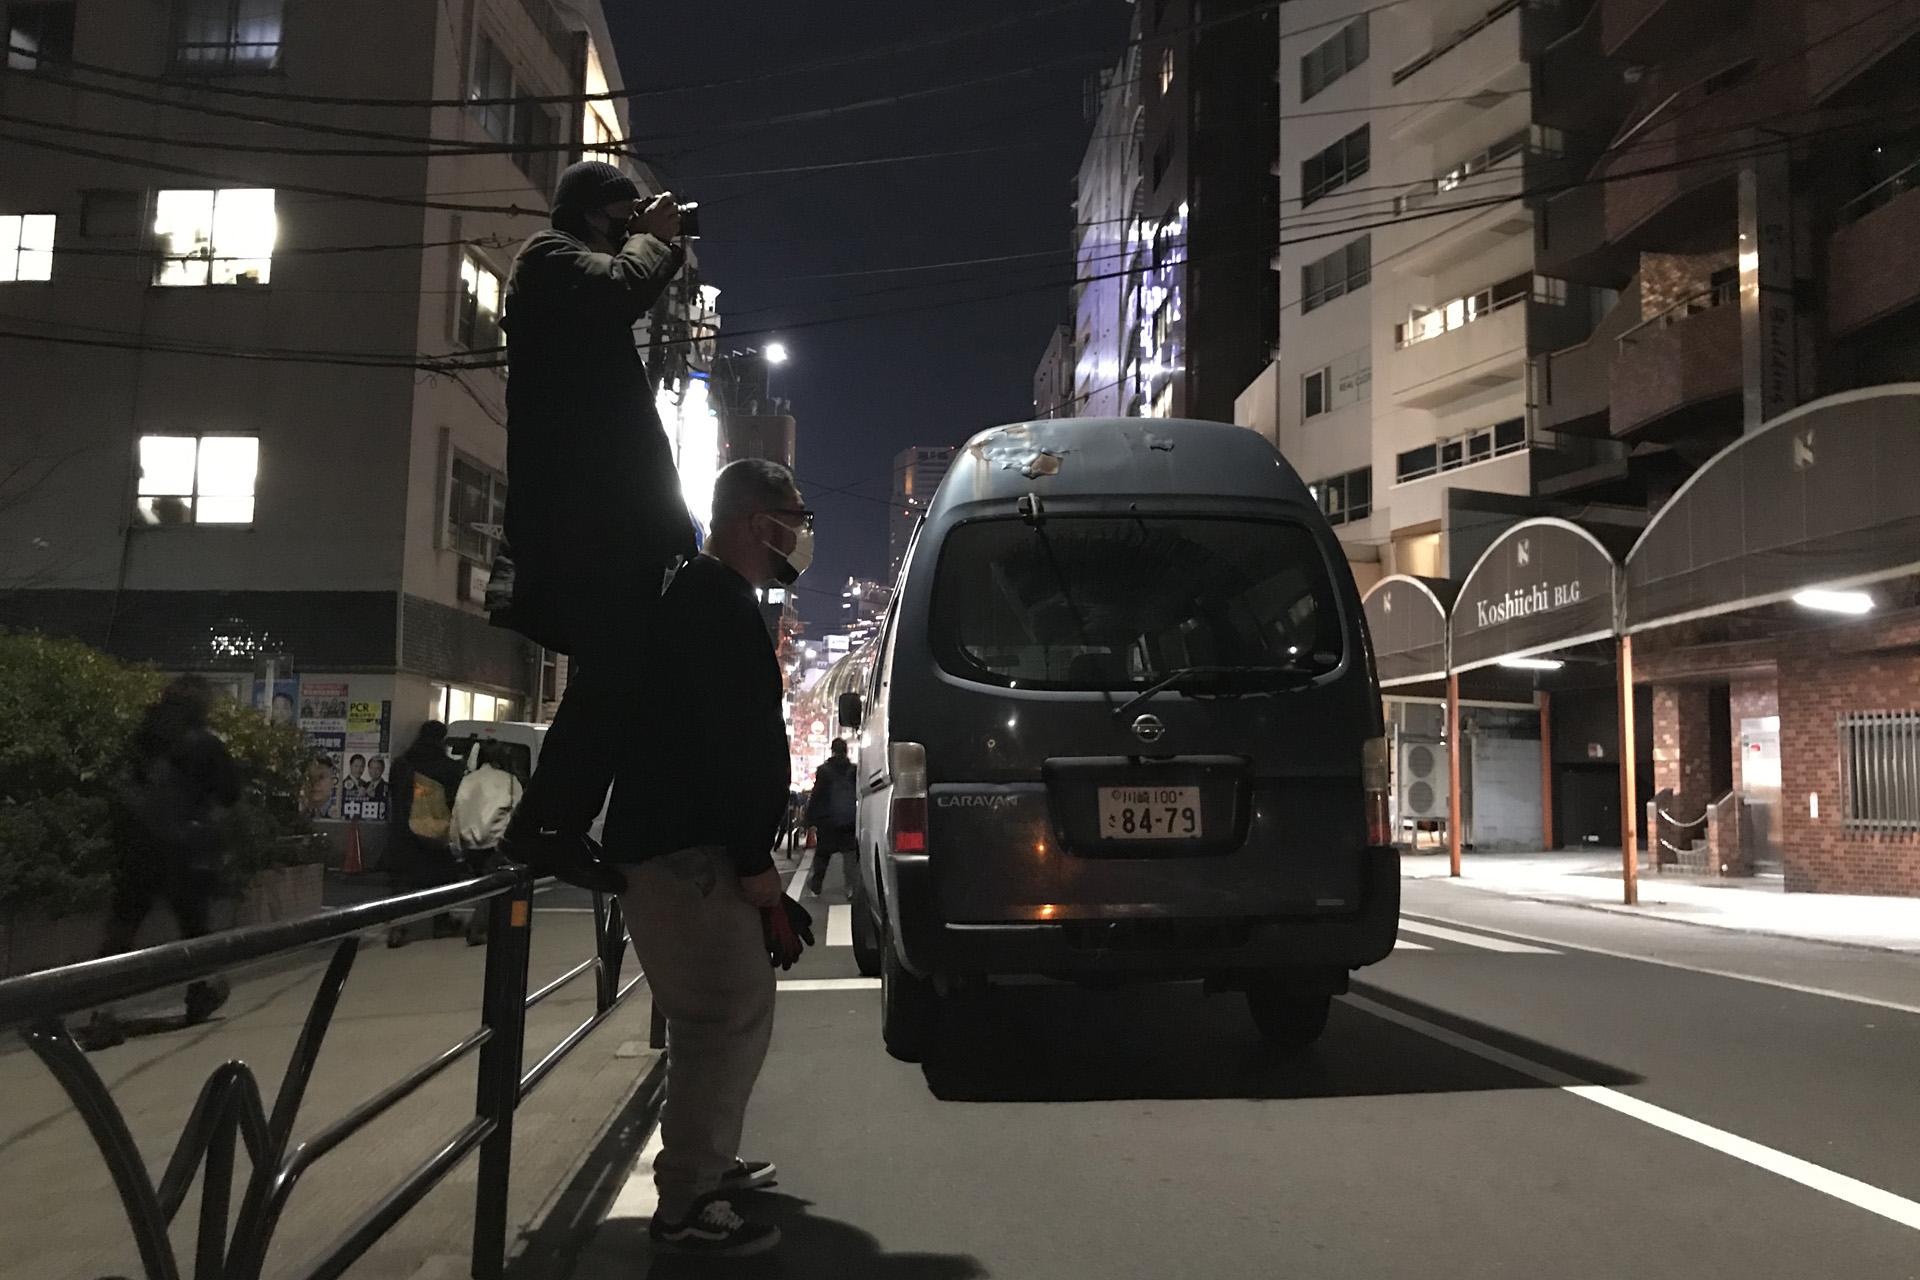 ヒデモ ヒデモーターサイクル hidemo hidemotorcycle